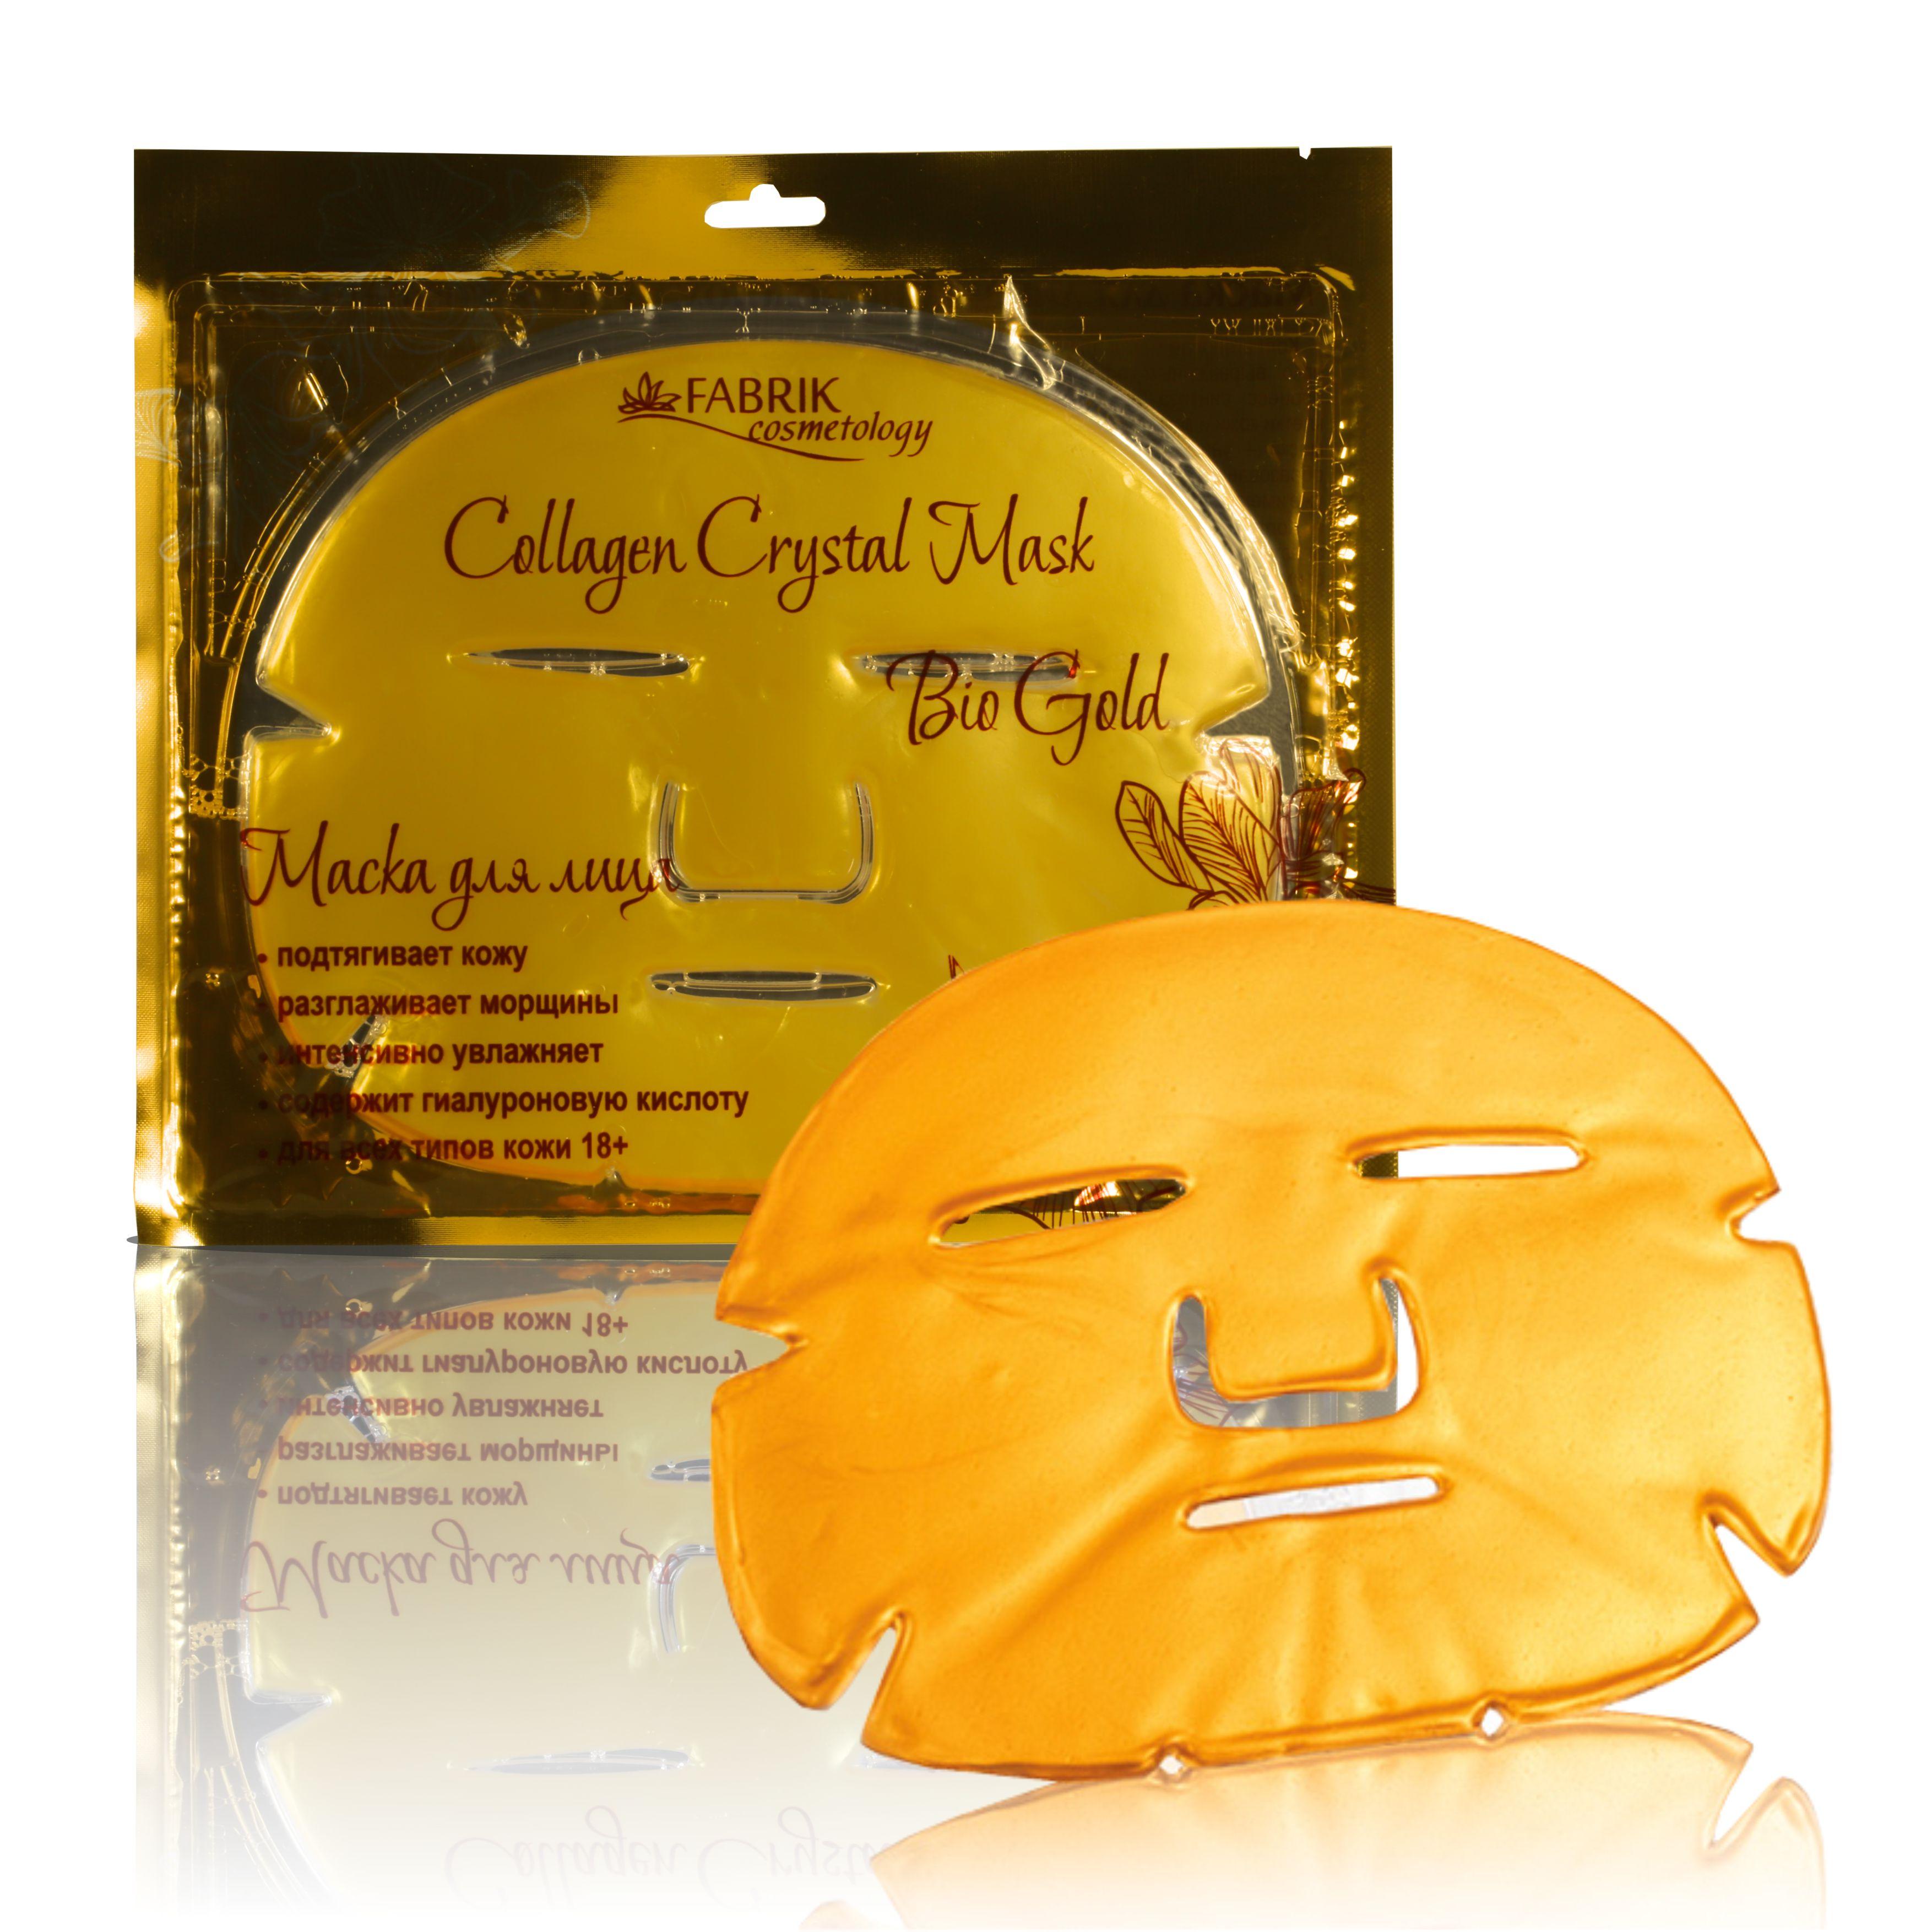 FABRIK cosmetology Маска коллагеновая для лица с био золотом 85гр